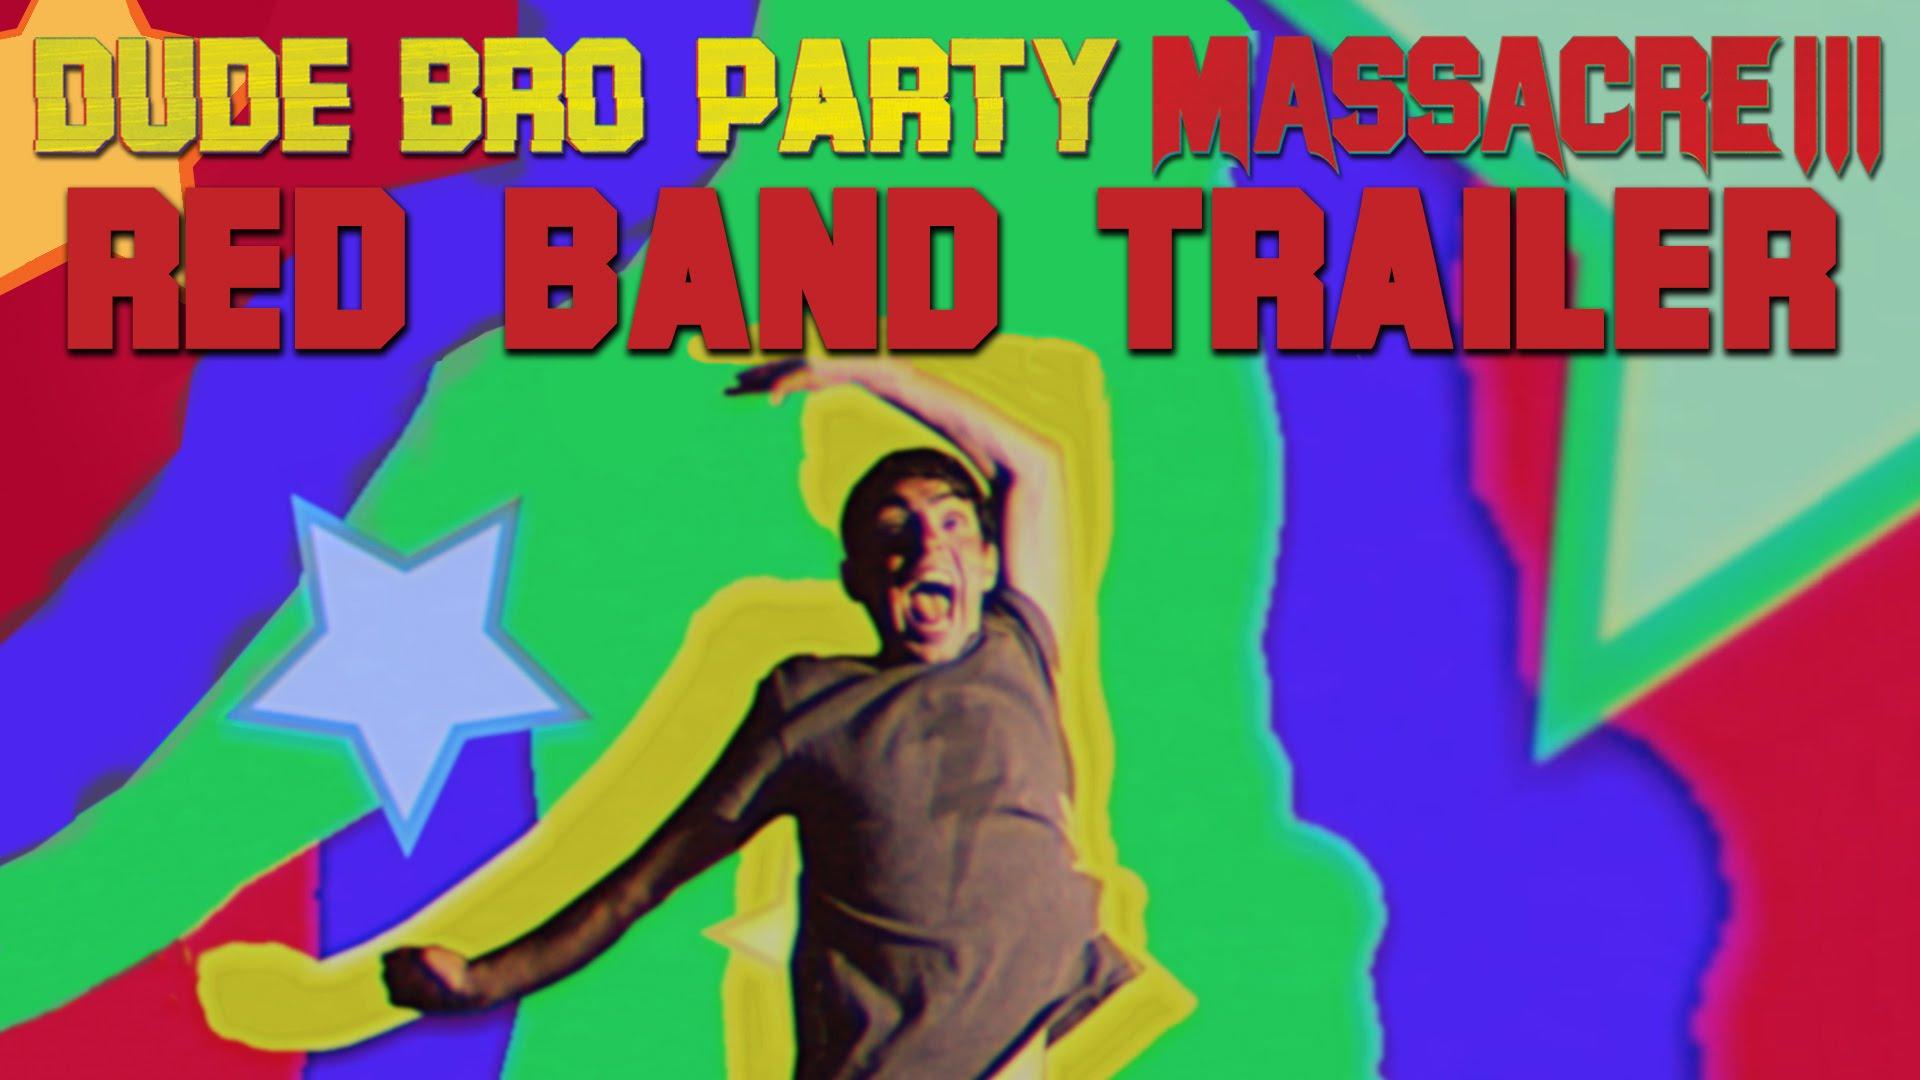 """Vielleicht ist """"Dude Bro Party Massacre III"""" der beste Film des Jahres '88"""